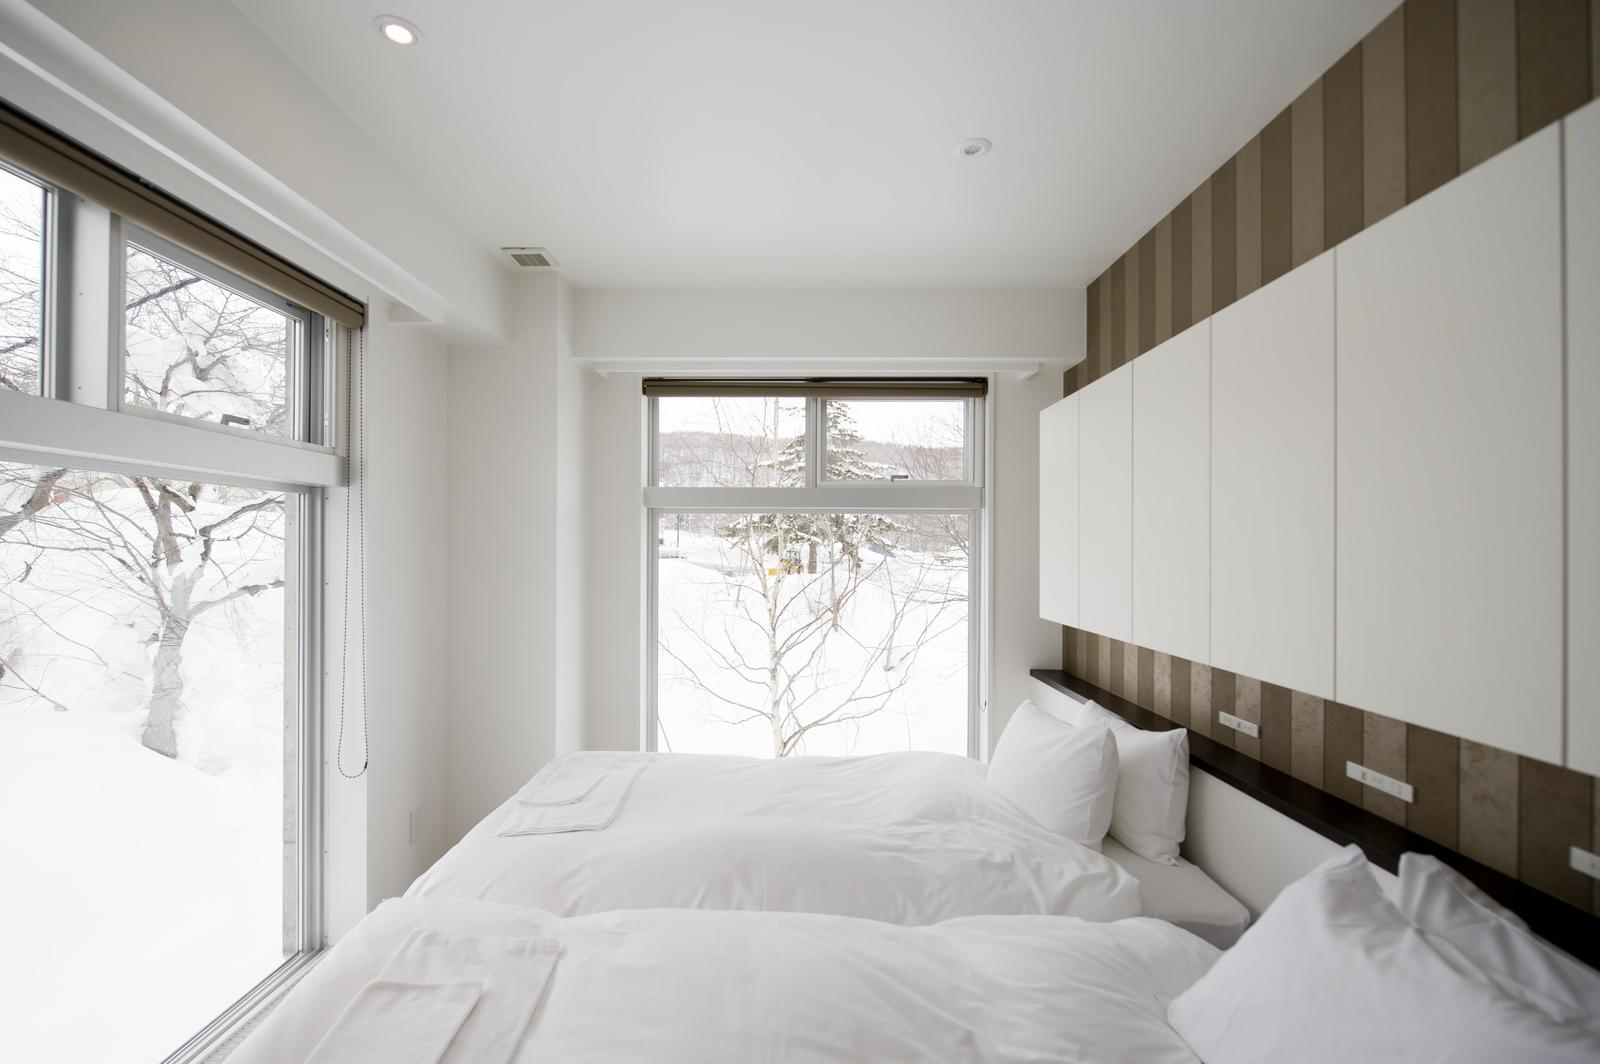 Kizuna 2 bedroom deluxe apartment bedroom large